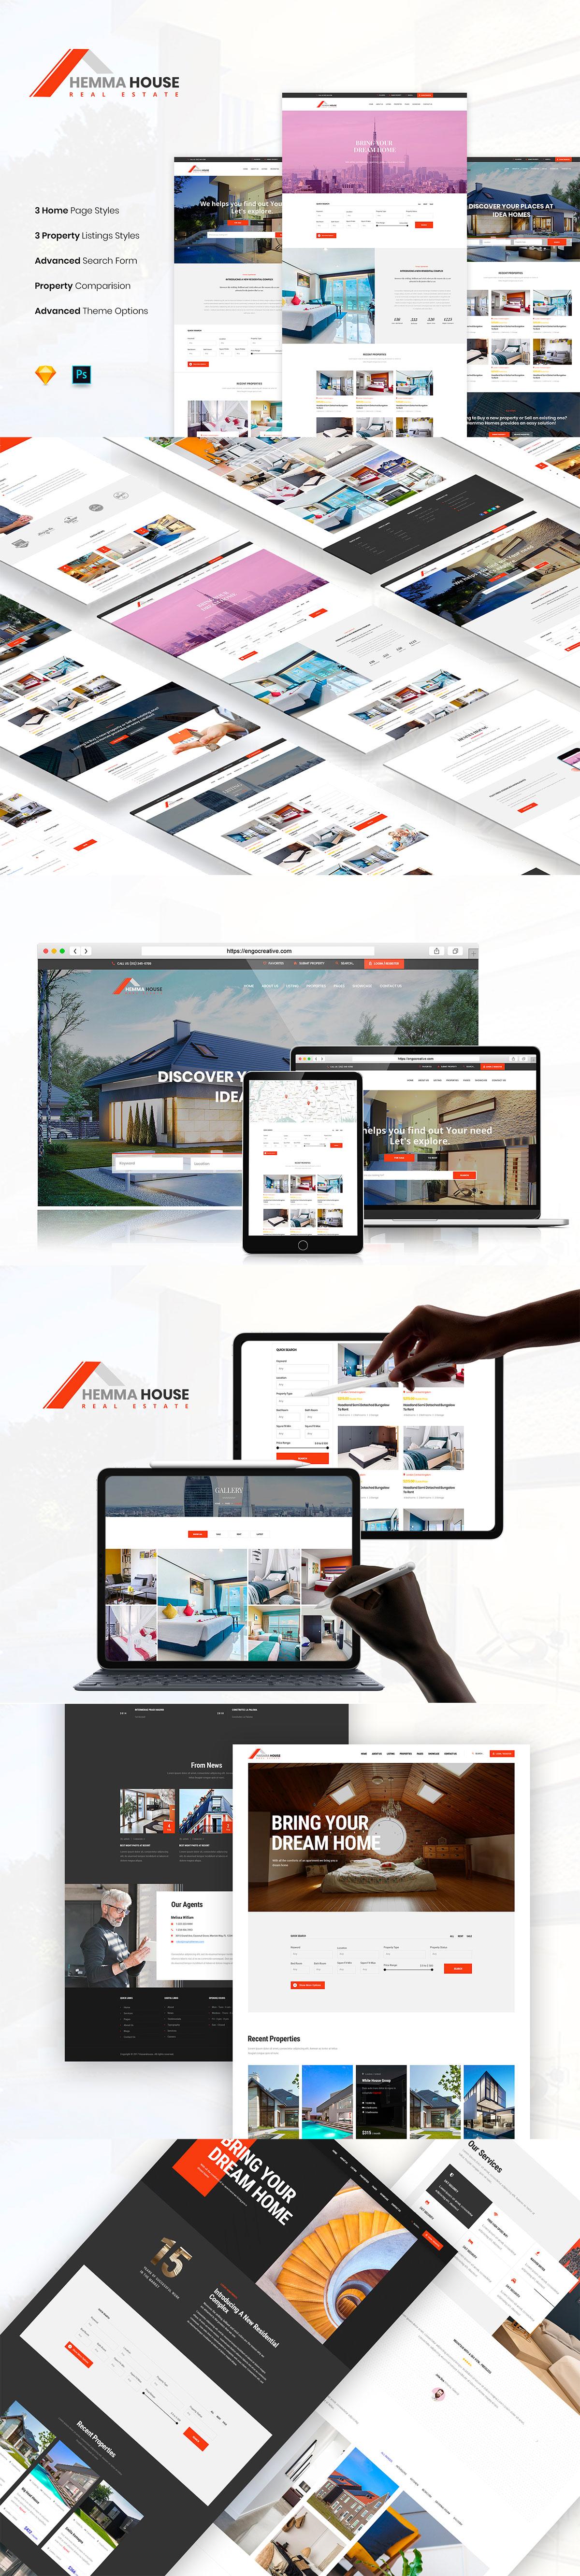 高端时尚的房产中介网页 UI KIT 模板下载 [Sketch,PSD] Hemma House